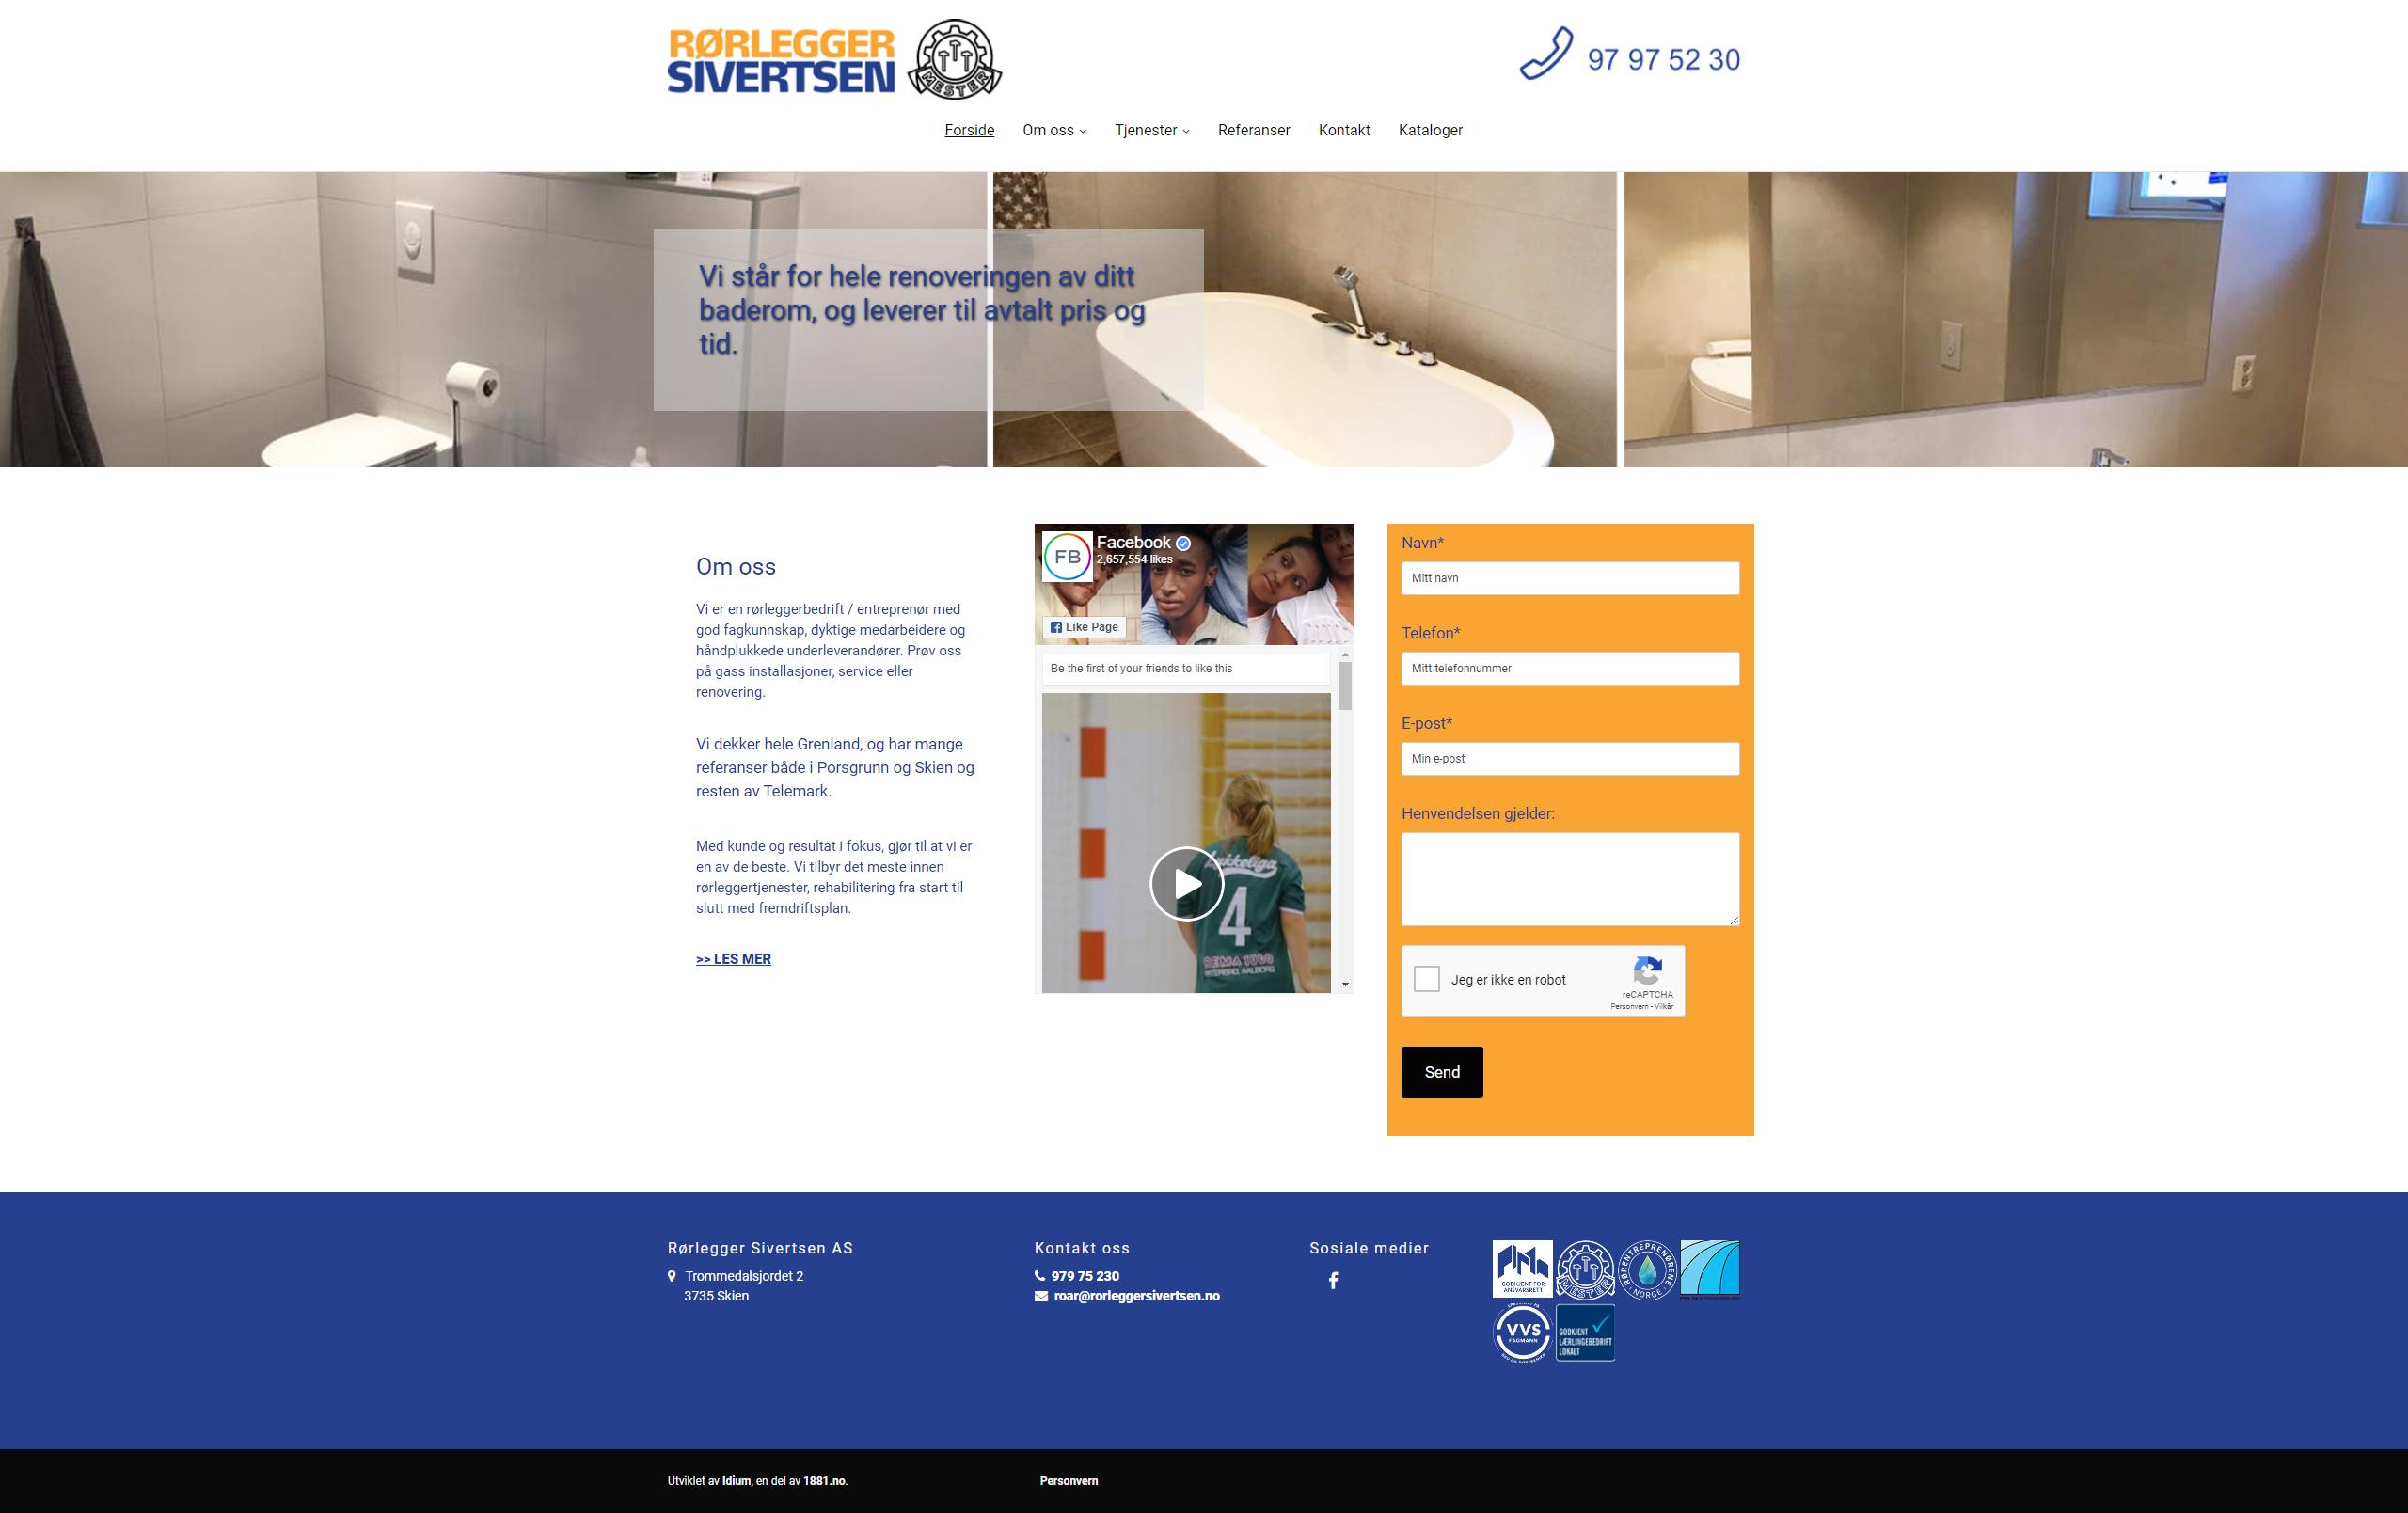 Førbilde av nettsiden til Rørlegger Sivertsen